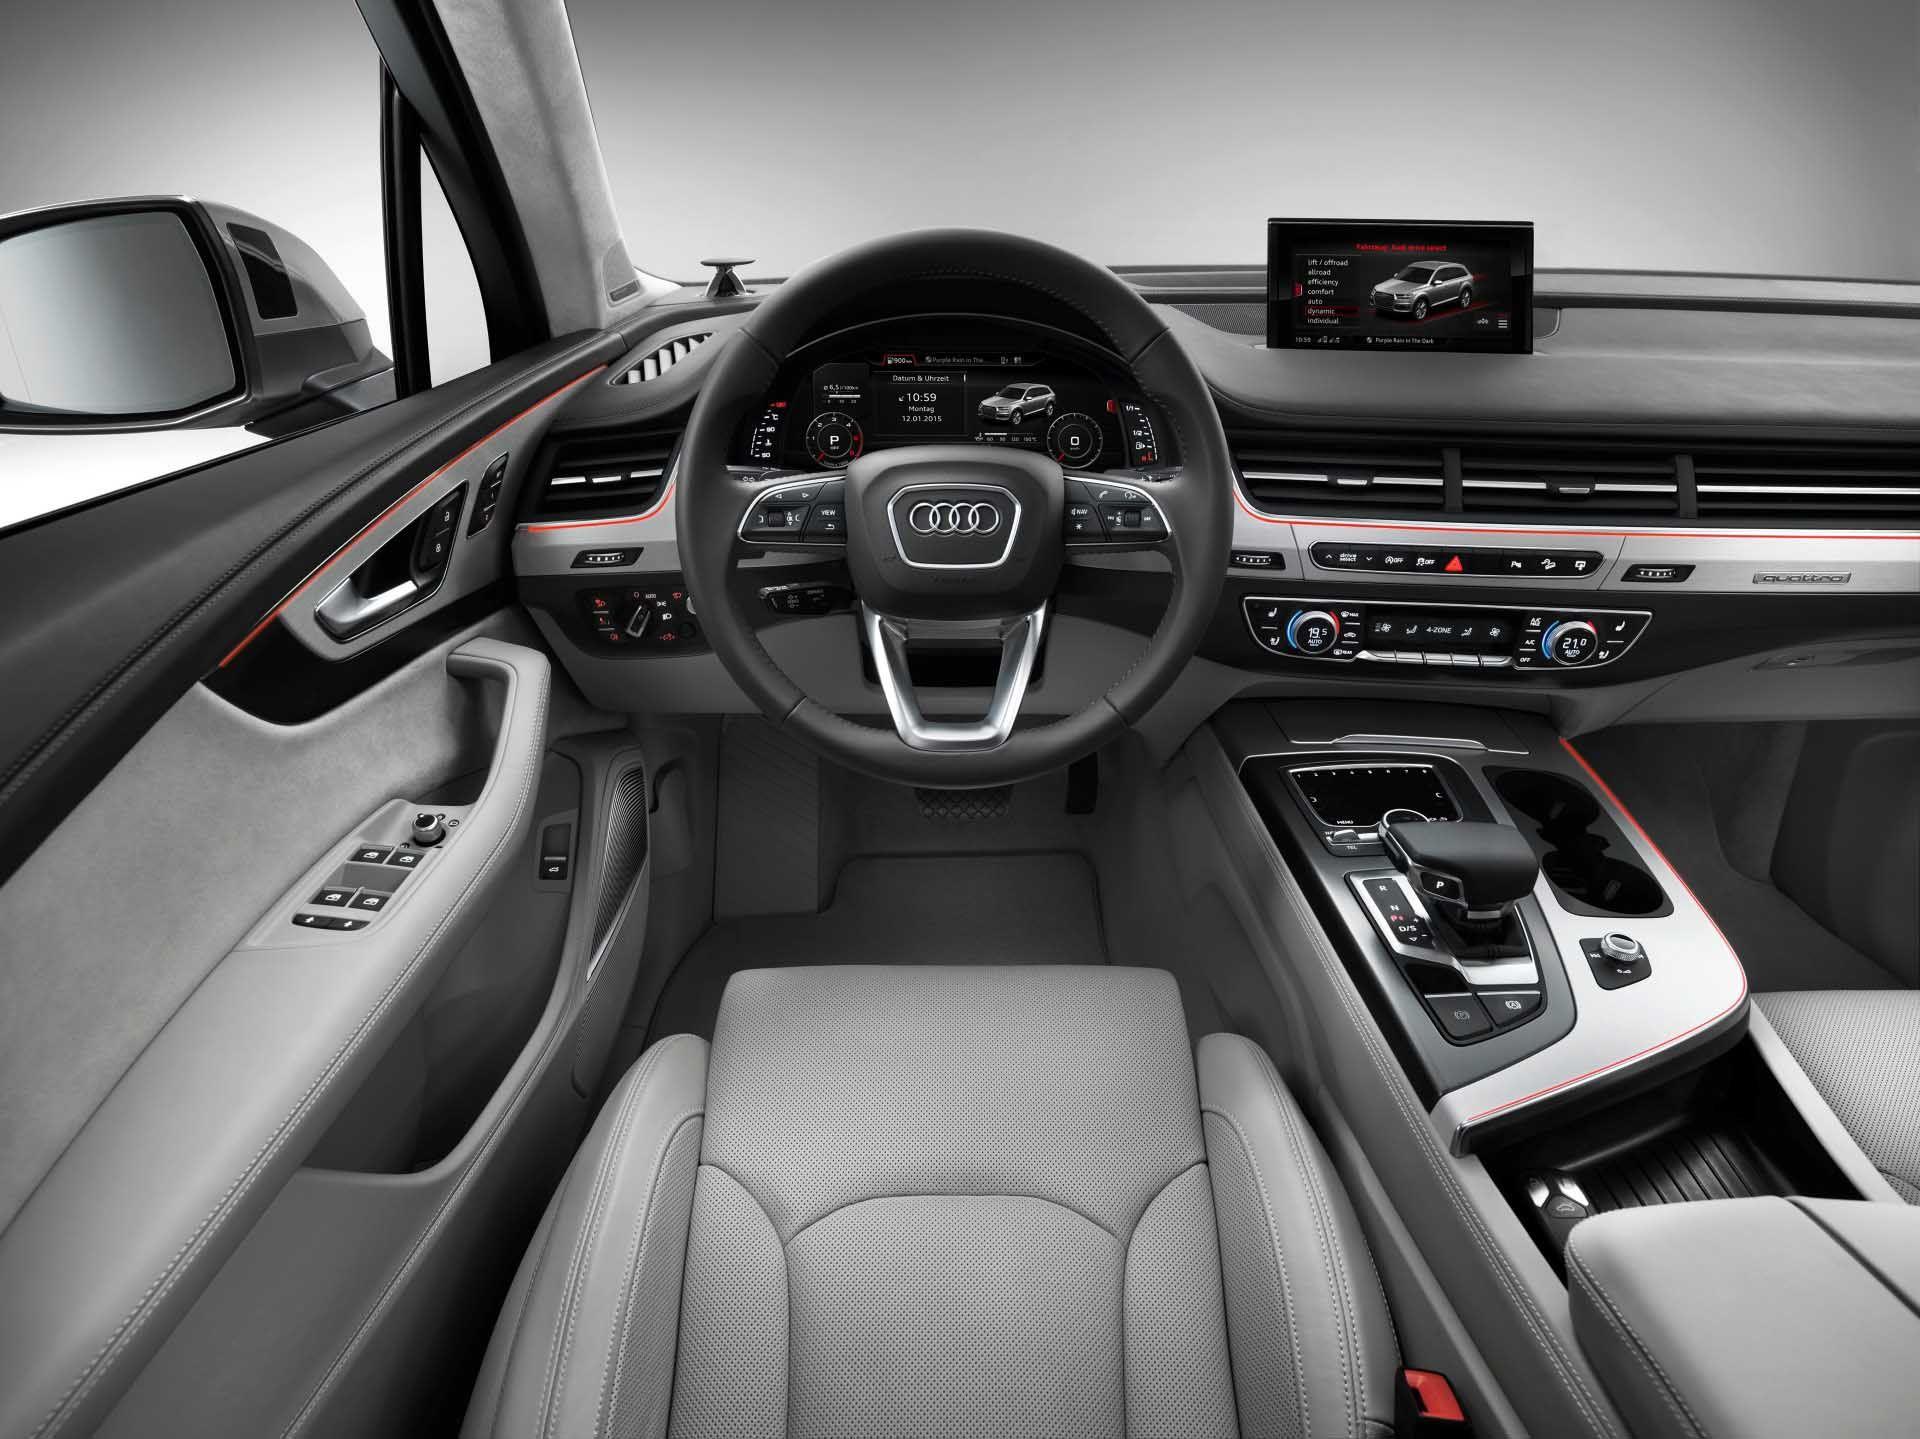 10 nice audi q7 interior pictures cars pinterest audi q7